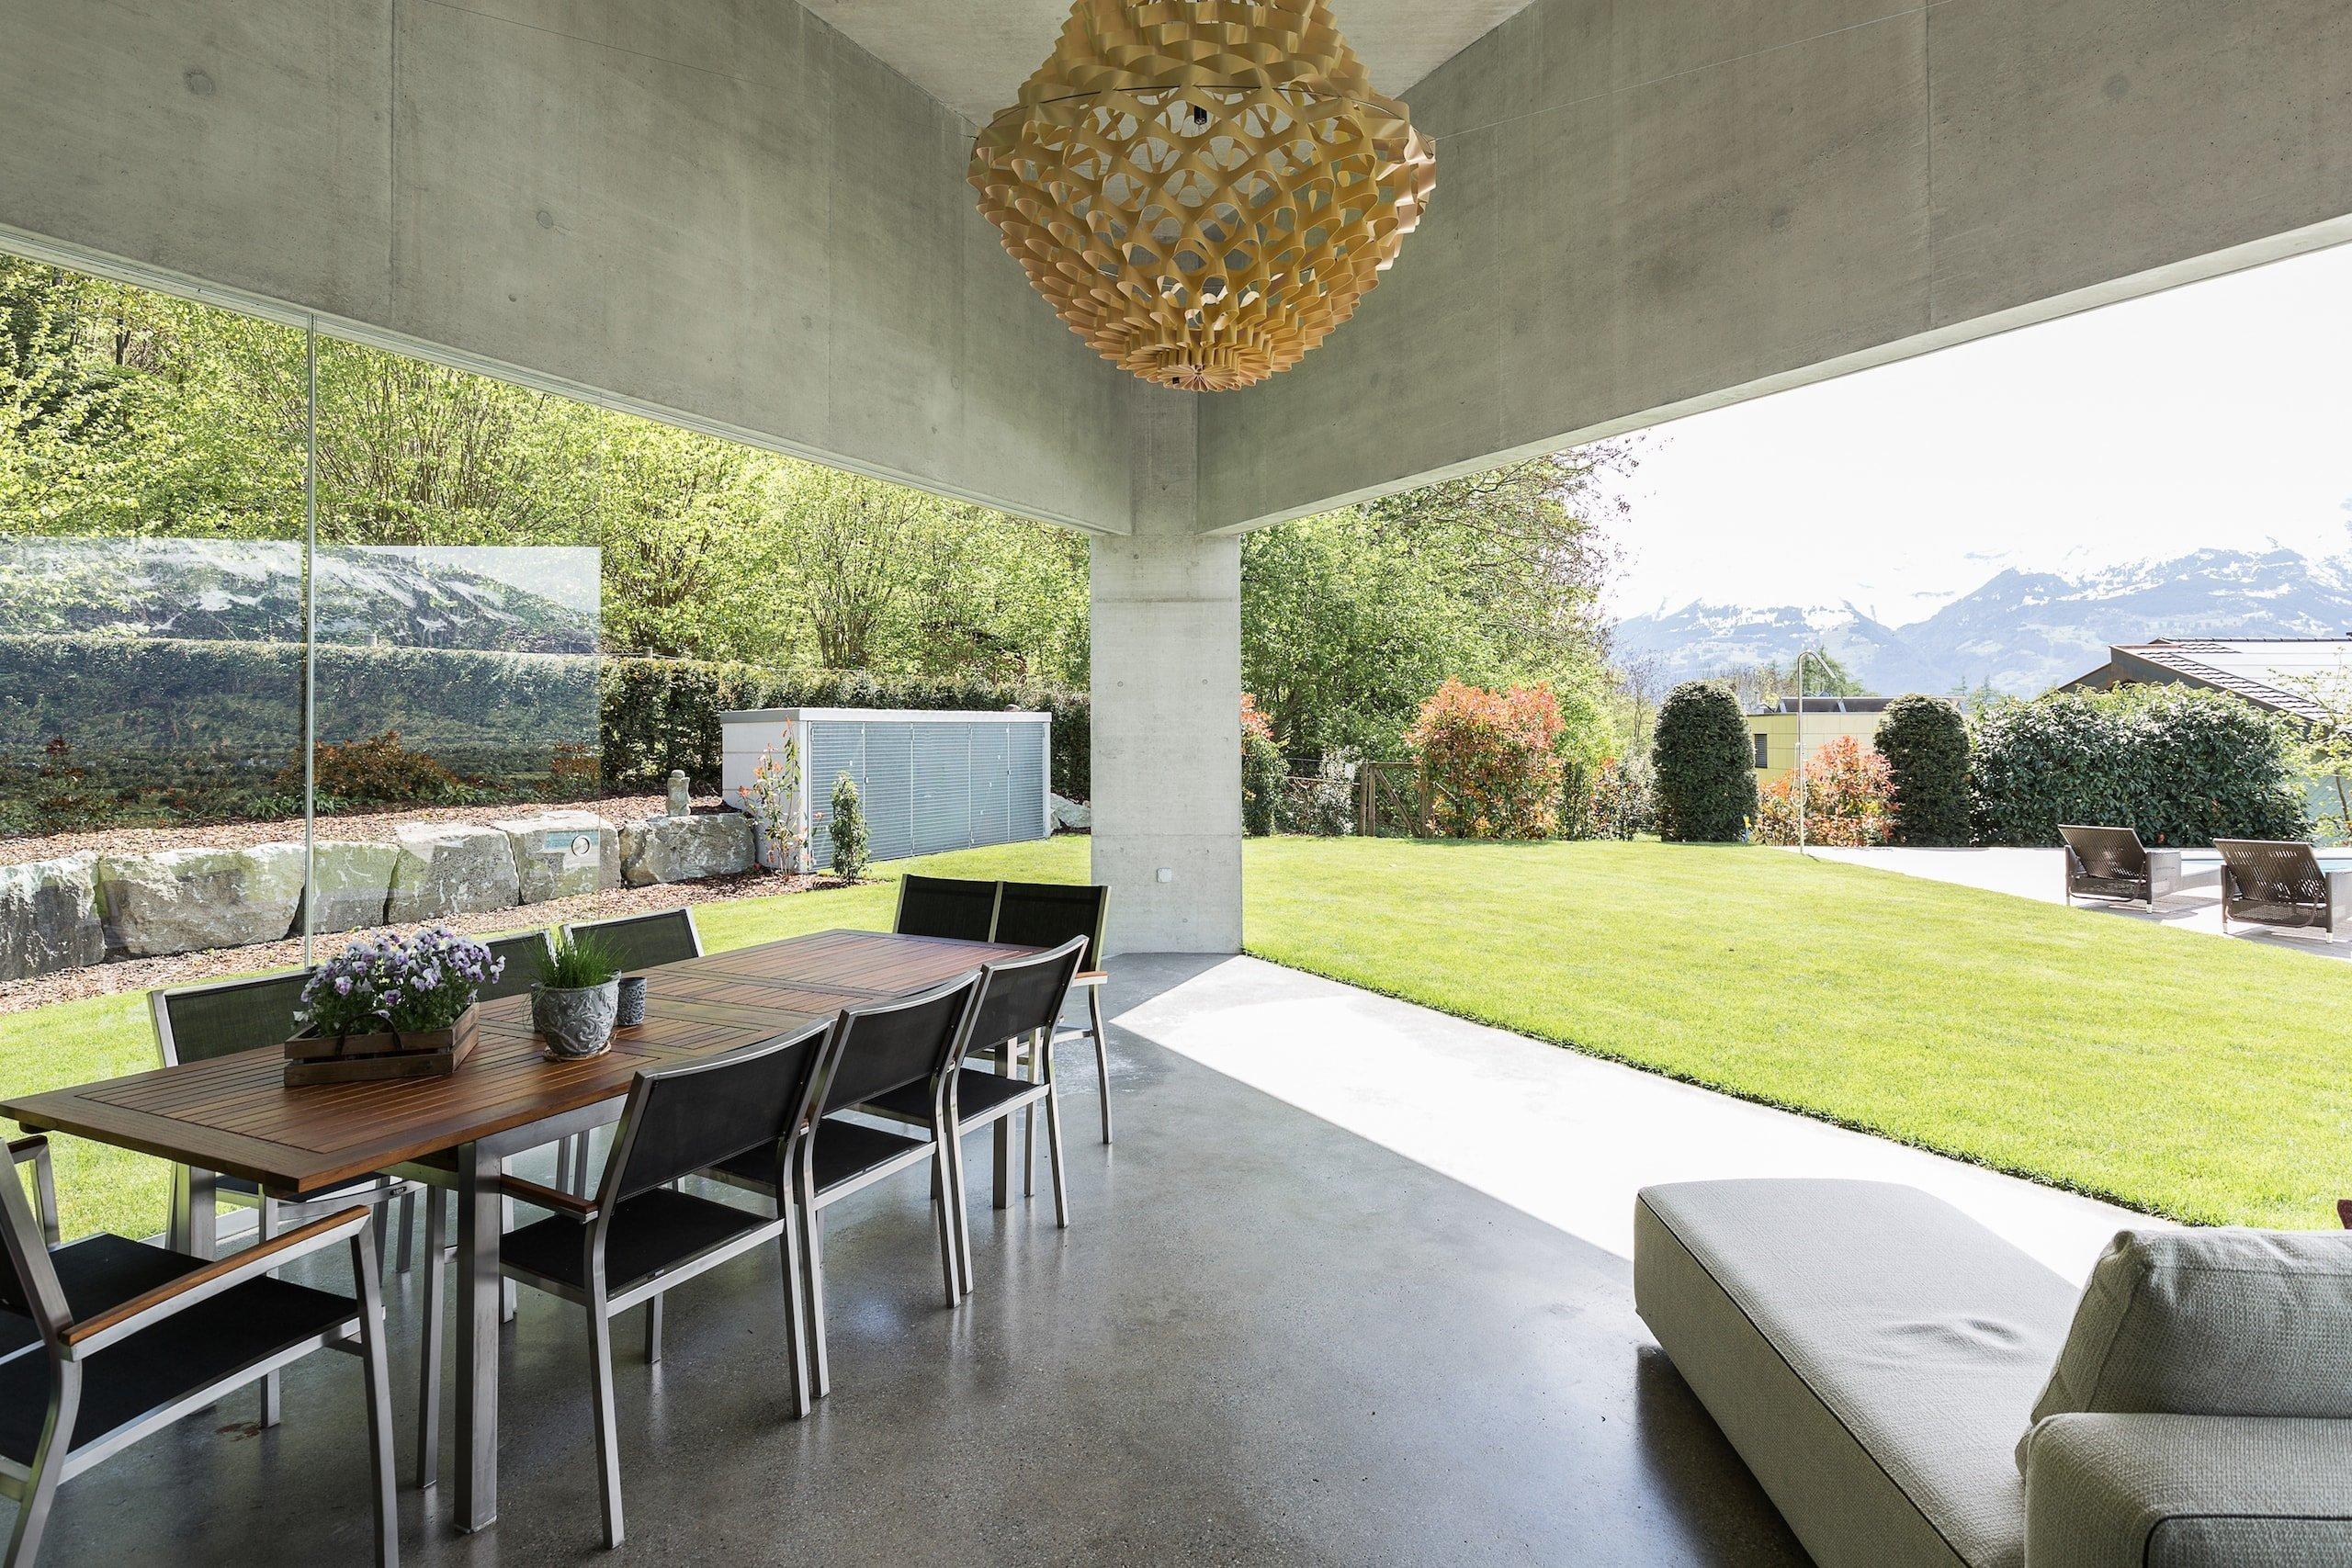 """Tento dům, nazývaný """"Triangel"""" - trojúhelník, byl navržen architektonickou firmou Ritter Schumacher a designovým studiem, které se nachází ve třech různých městech – Chur a Curych ve Švýcarsku a Vaduz v Lichtenštejnsku. Právě v této nejmenší zemi Evropy se nachází tento atypický rodinný dům, jež stojí konkrétně ve městě Nedeln. Stavba byla dokončena roku 2017 a pokrývá celkovou plochu 264 metrů čtverečních."""